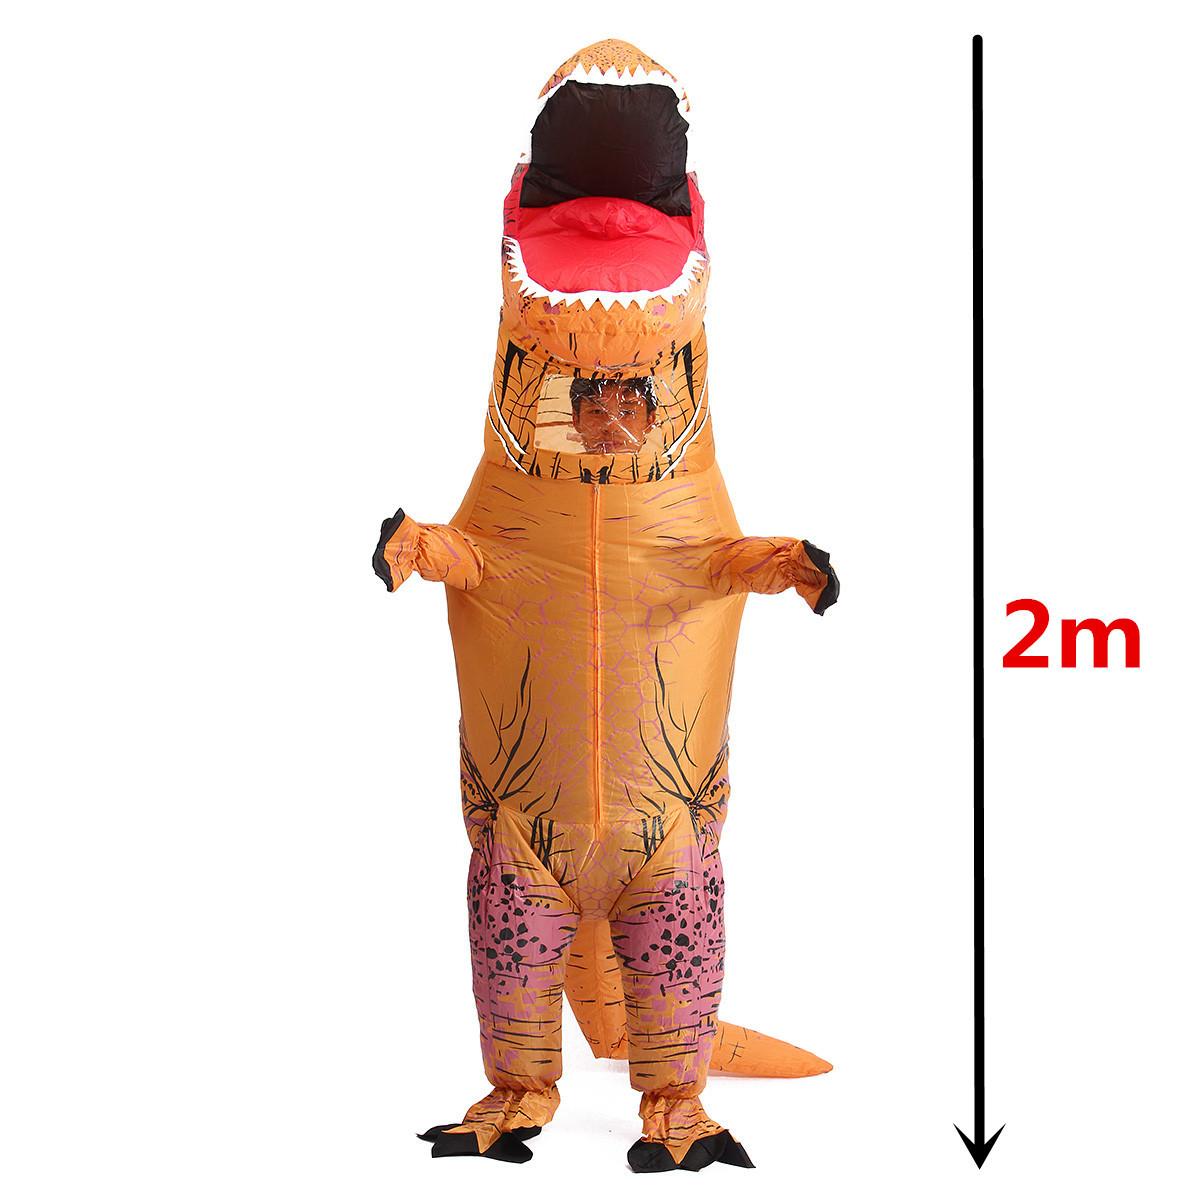 aufblasbar kost m dinosaurier t rex verkleidung karneval erwachsen 2m orange ebay. Black Bedroom Furniture Sets. Home Design Ideas